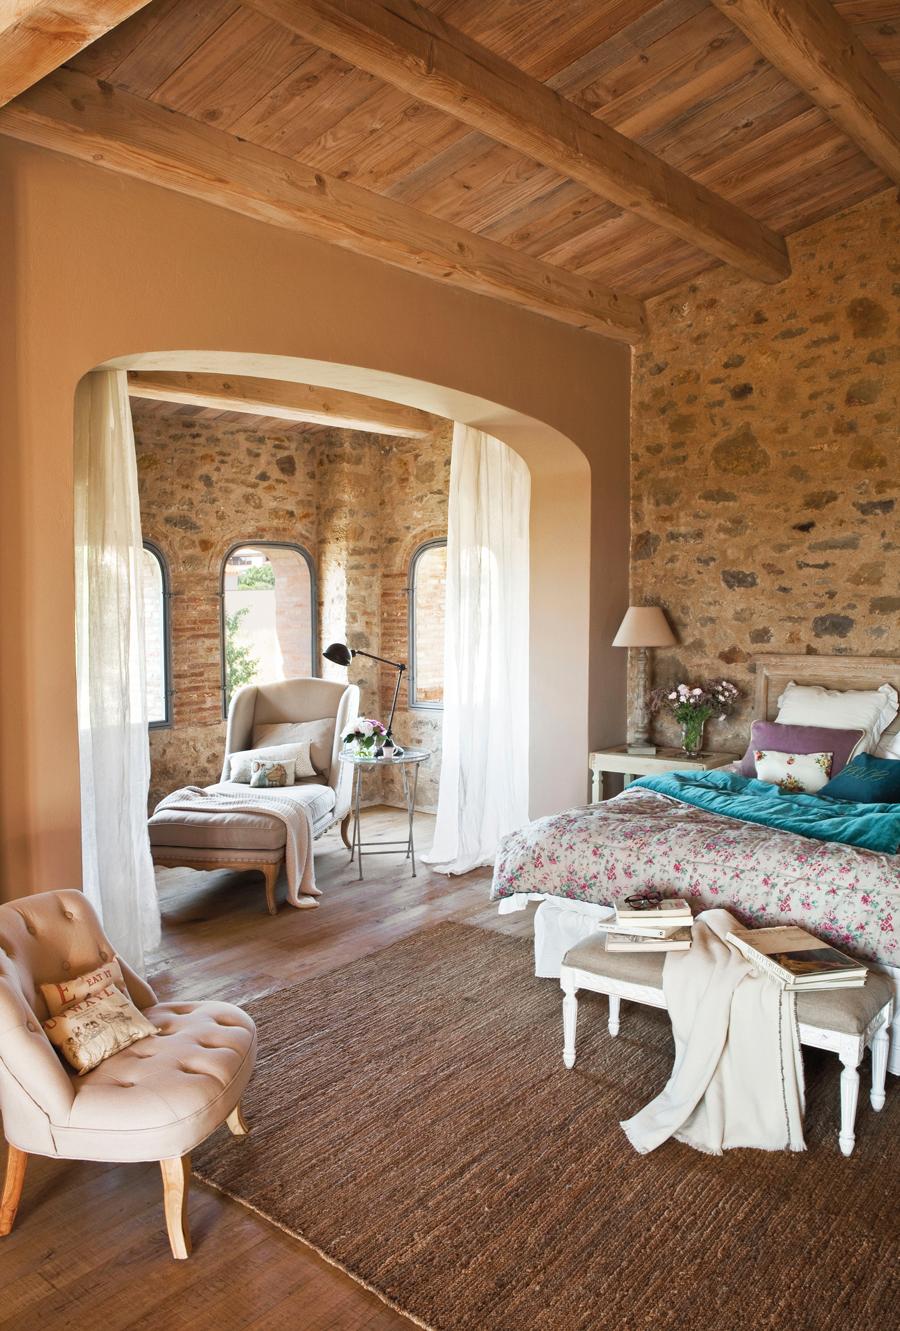 Los 4 dormitorios m s bonitos de las redes - Cortinas rusticas dormitorio ...